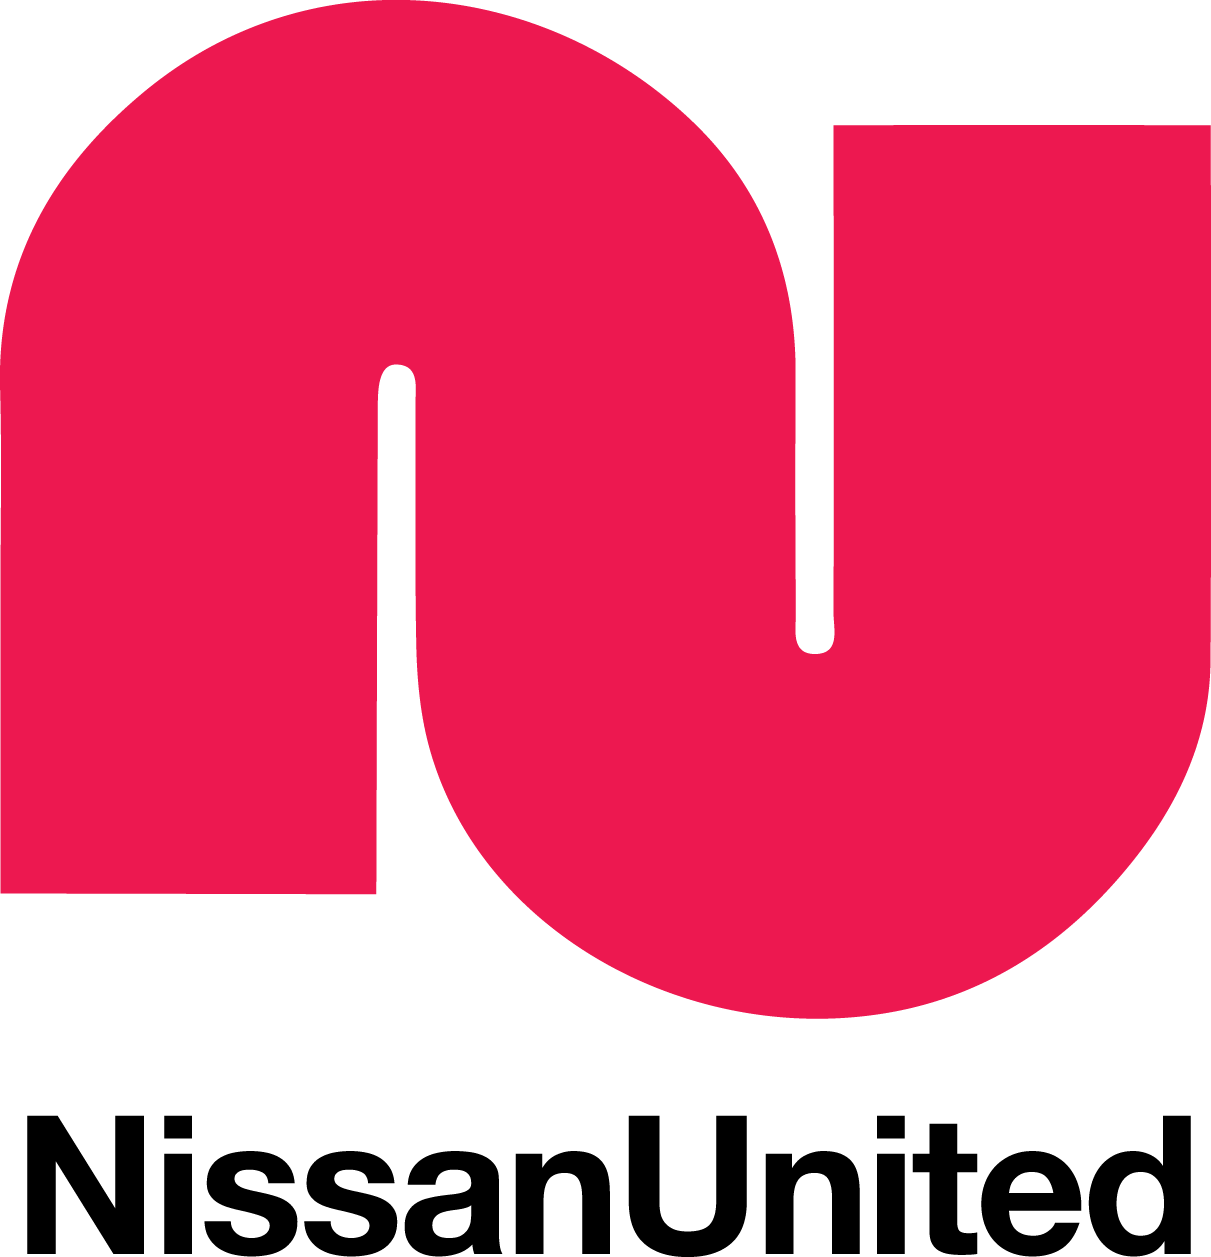 NissanUnited.png